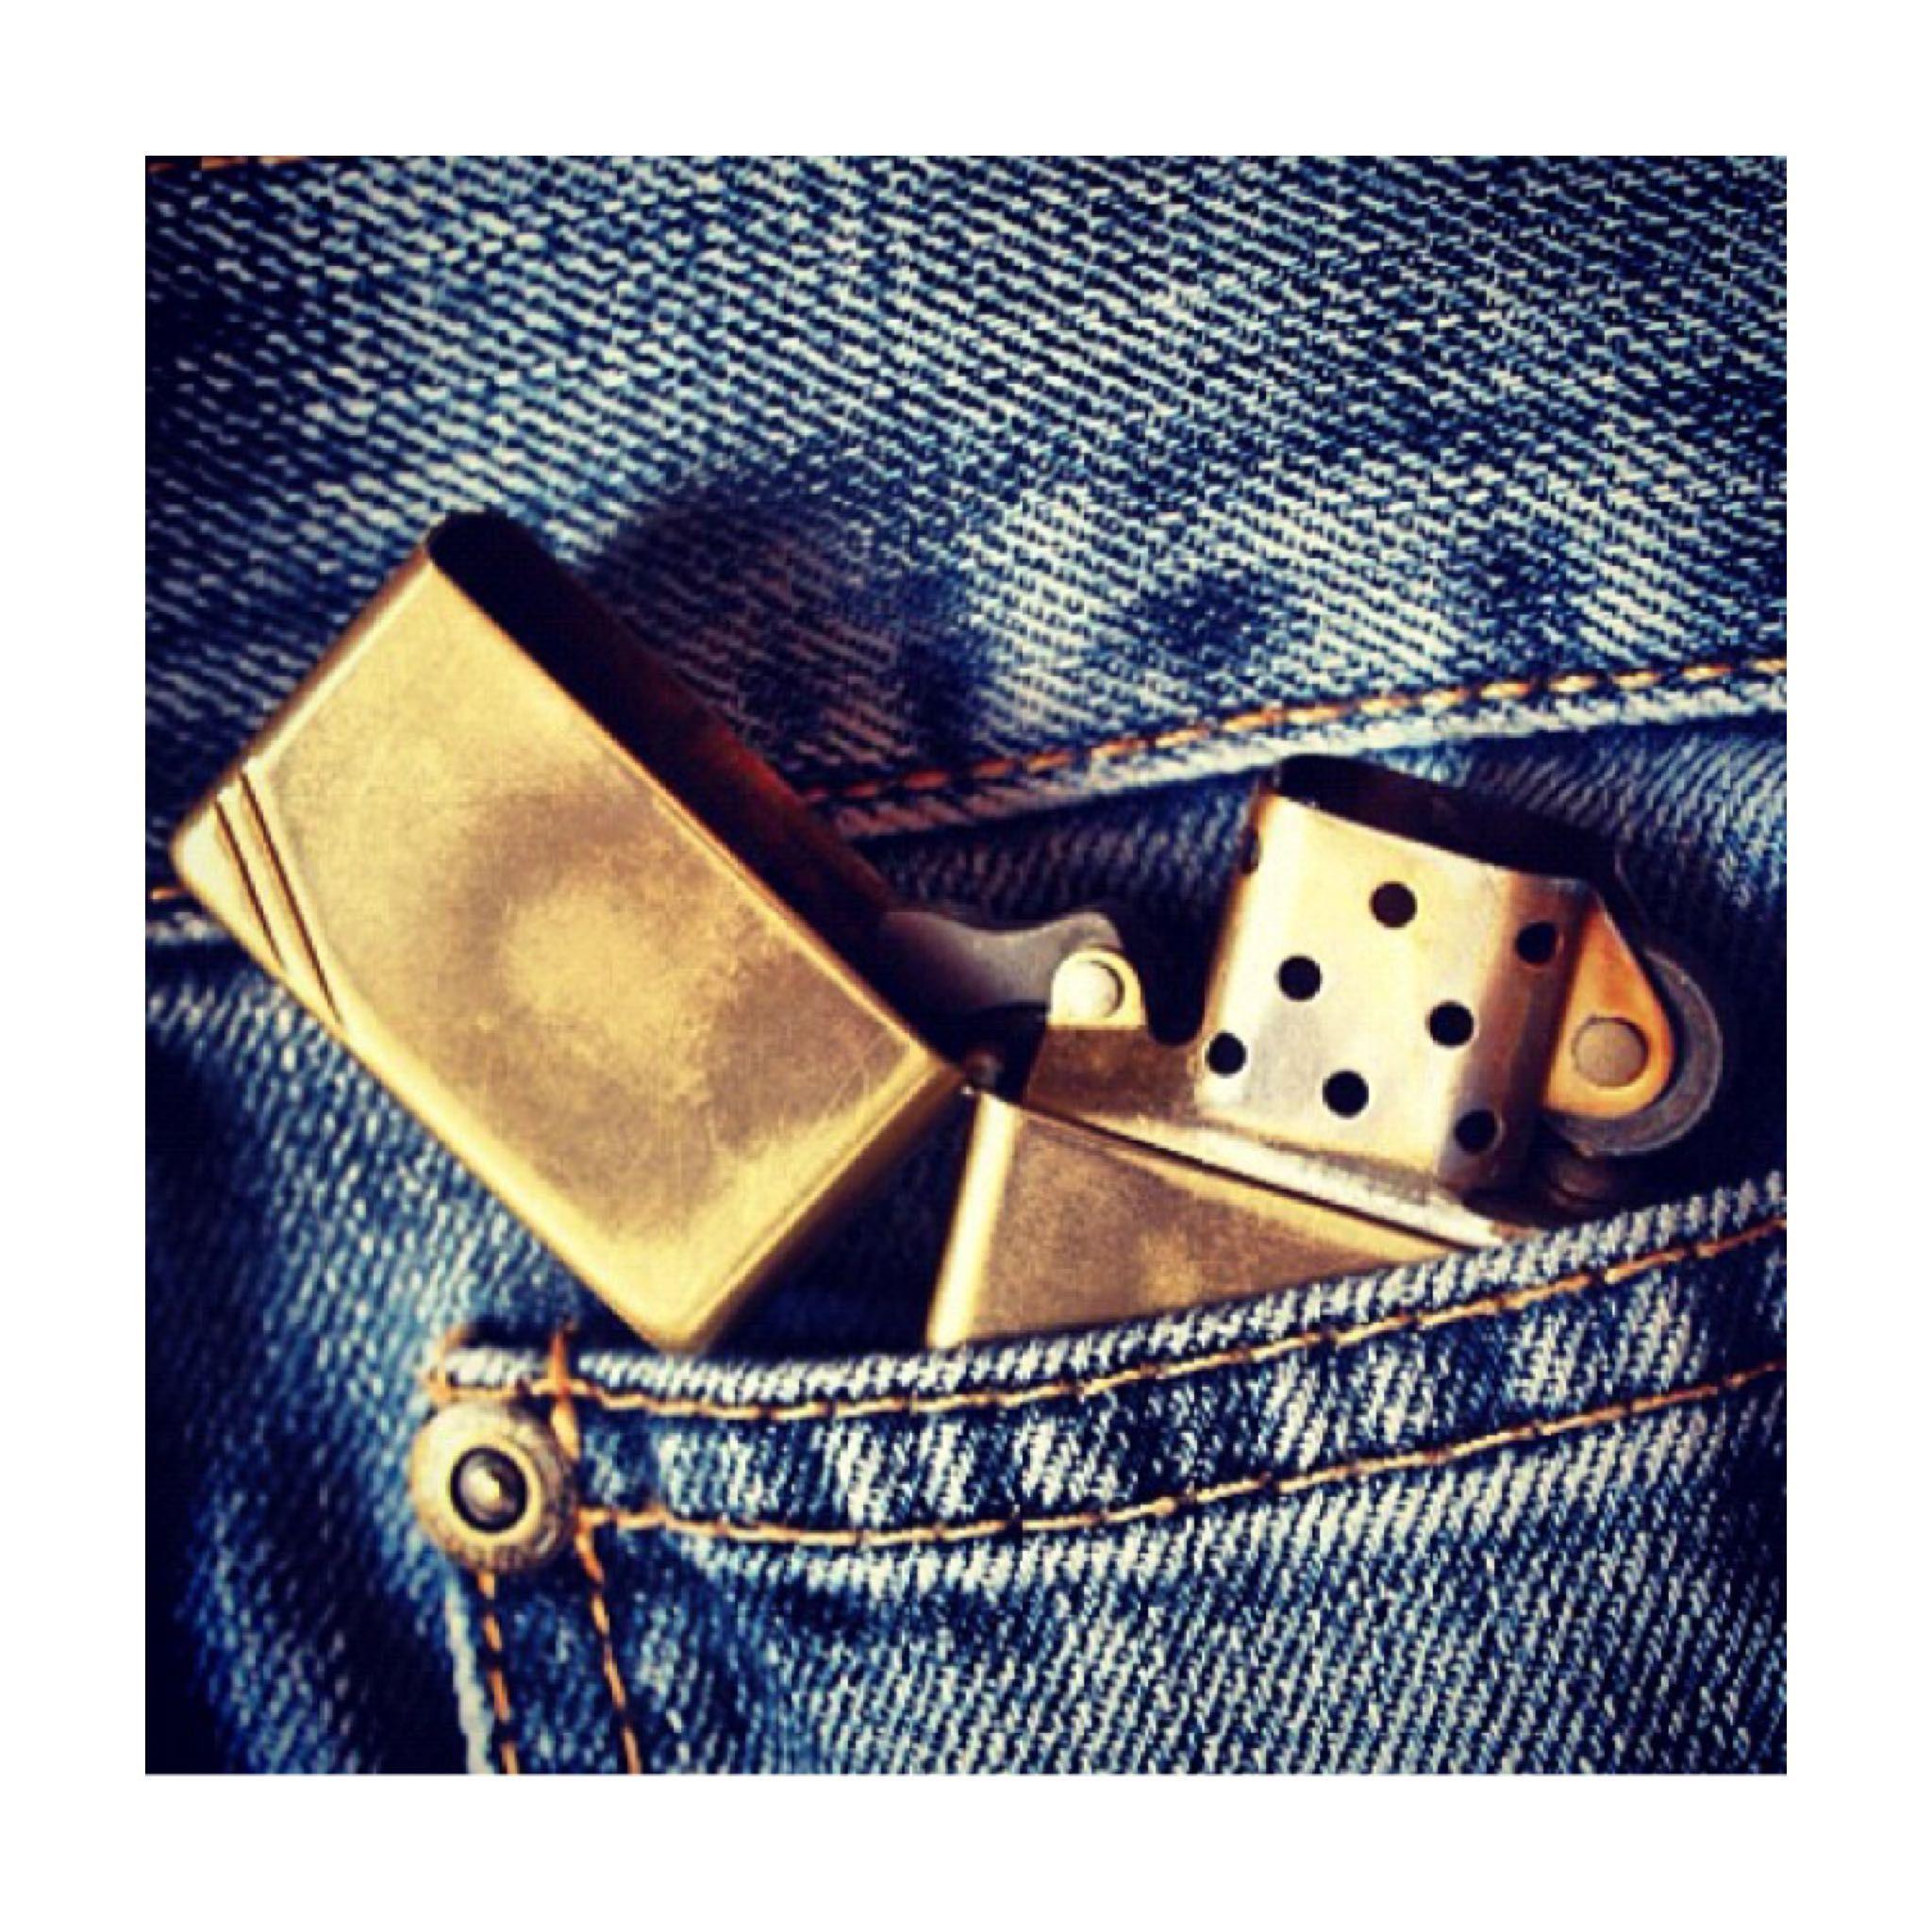 Sabías que el bolsillo pequeño de tus vaqueros ha sido diseñado para tu Zippo. Muestra de ello, es está foto donde puedes comprobar que encaja perfectamente. Dale uso a ese bolsillo olvidado... #zippo #zipporepublic #windproof #réplica #gold #smart #pocket #jeans #gentleman